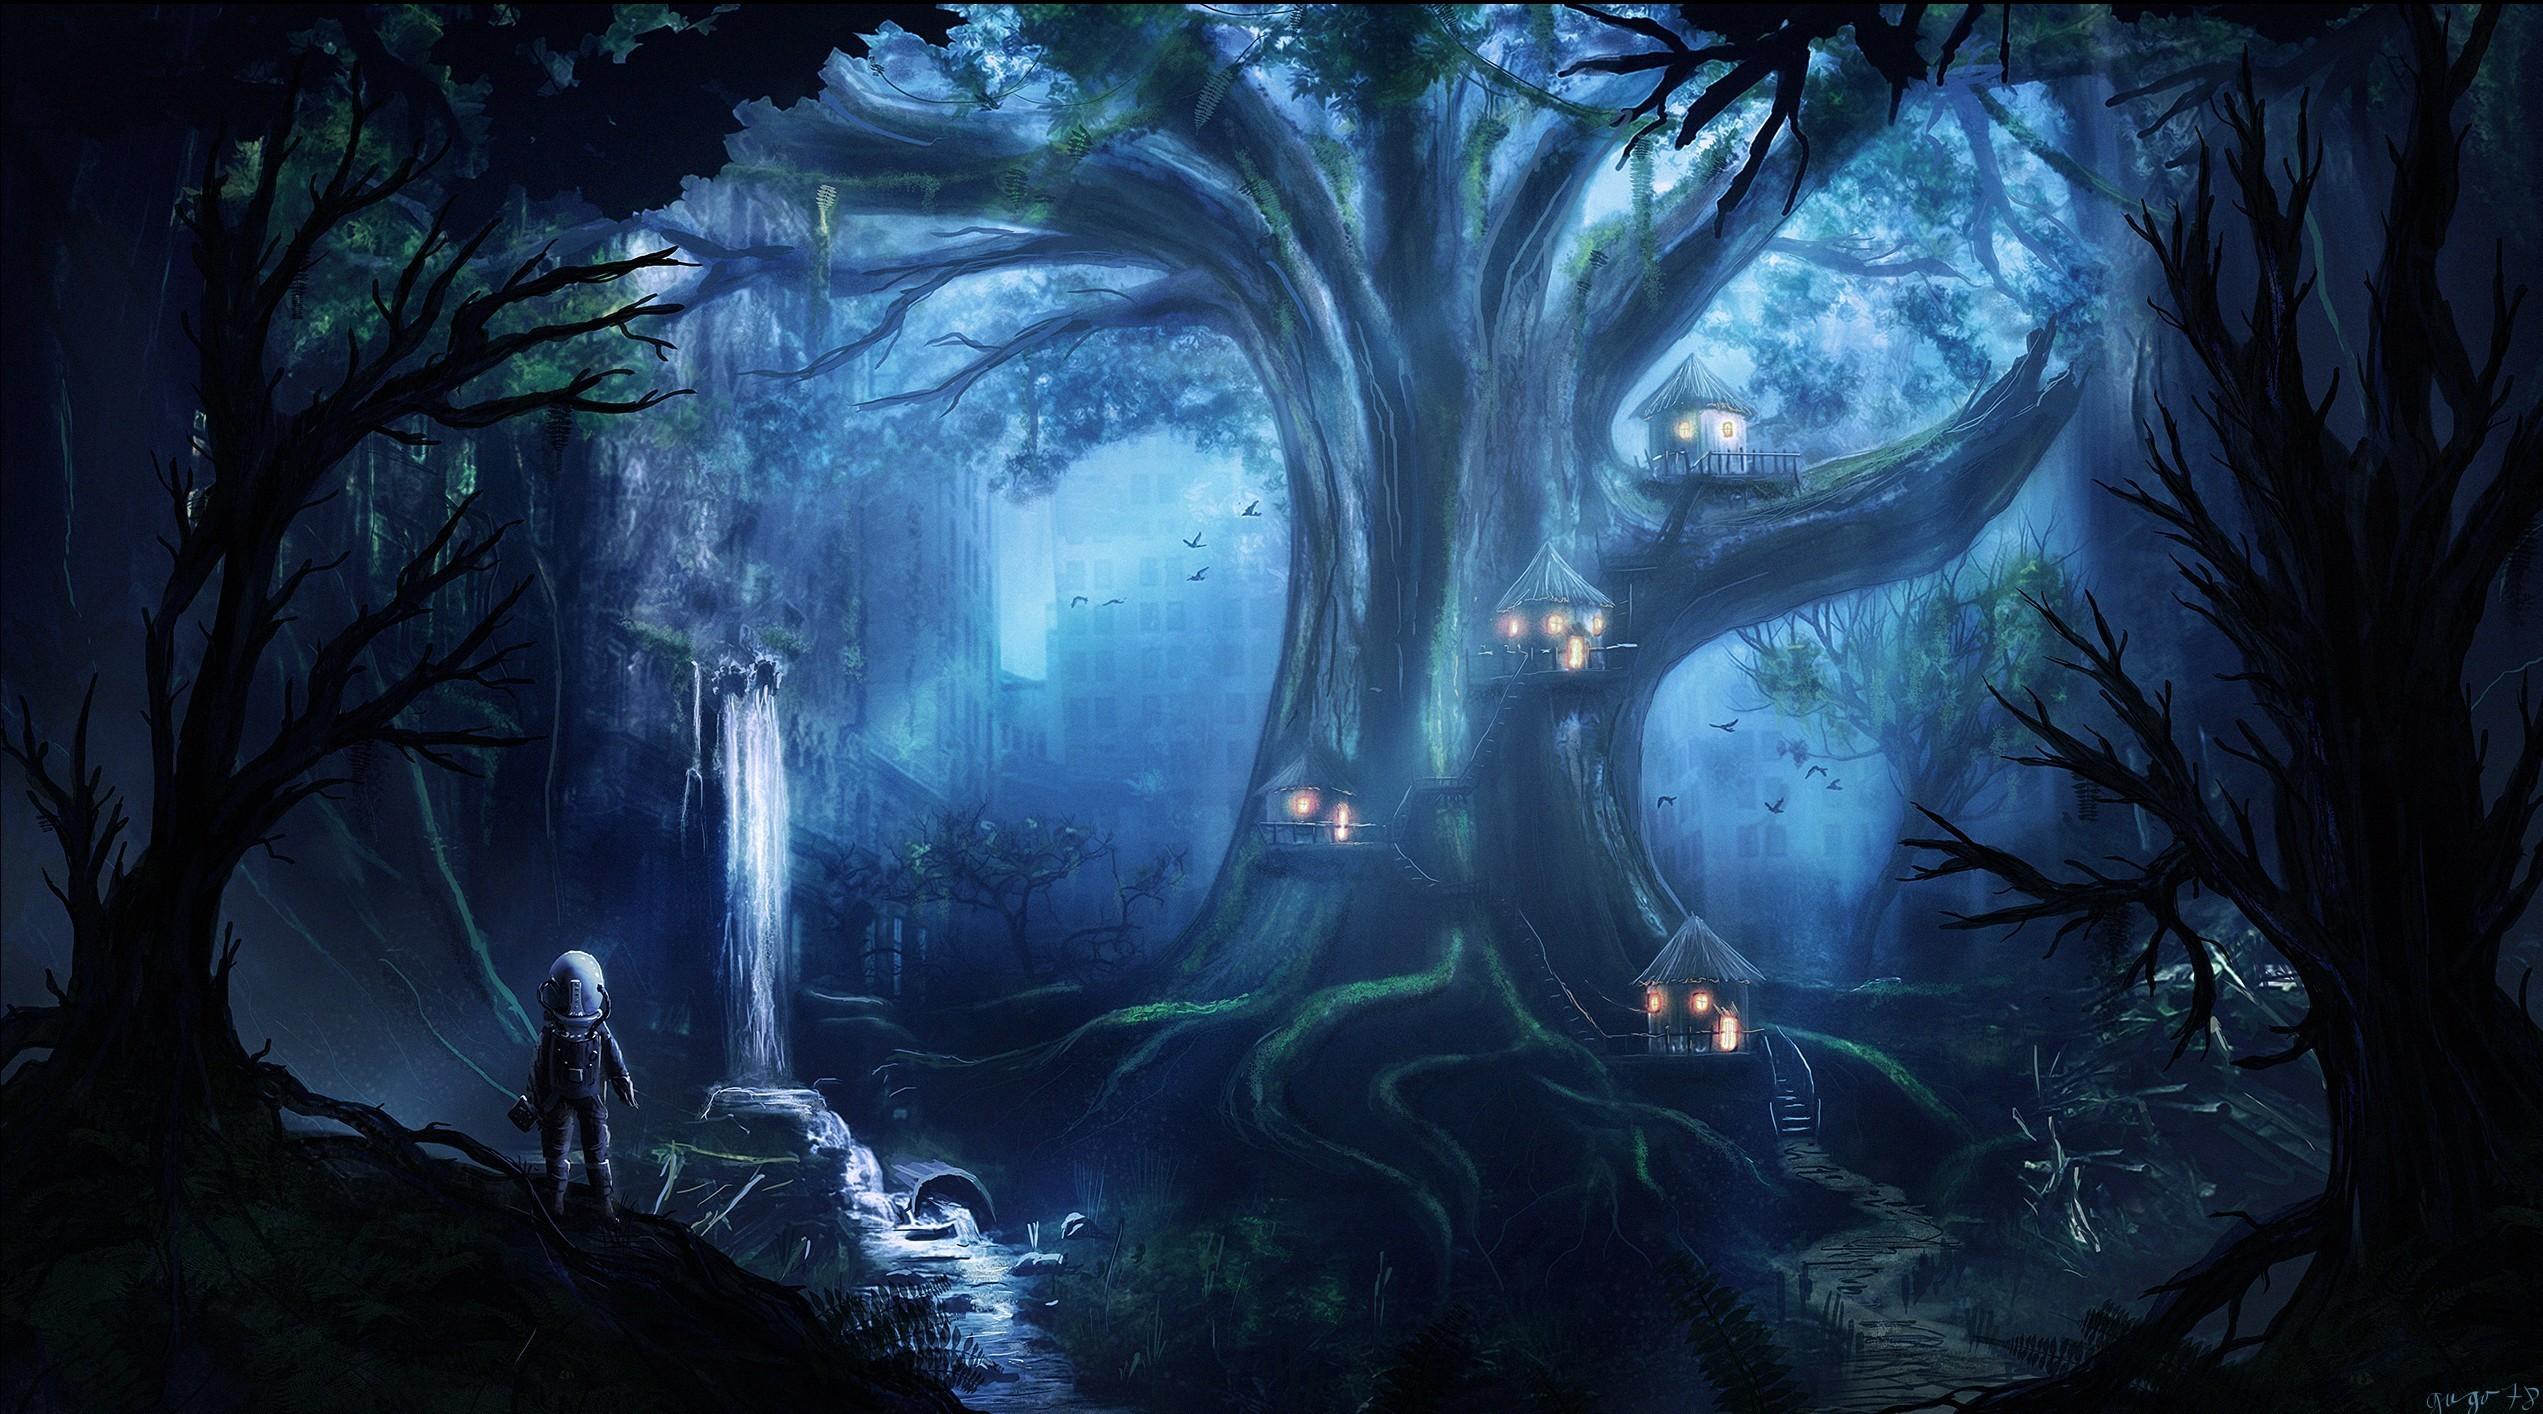 Wallpaper forest fantasy art night artwork jungle midnight ghost ship darkness - Midnight wallpaper hd ...